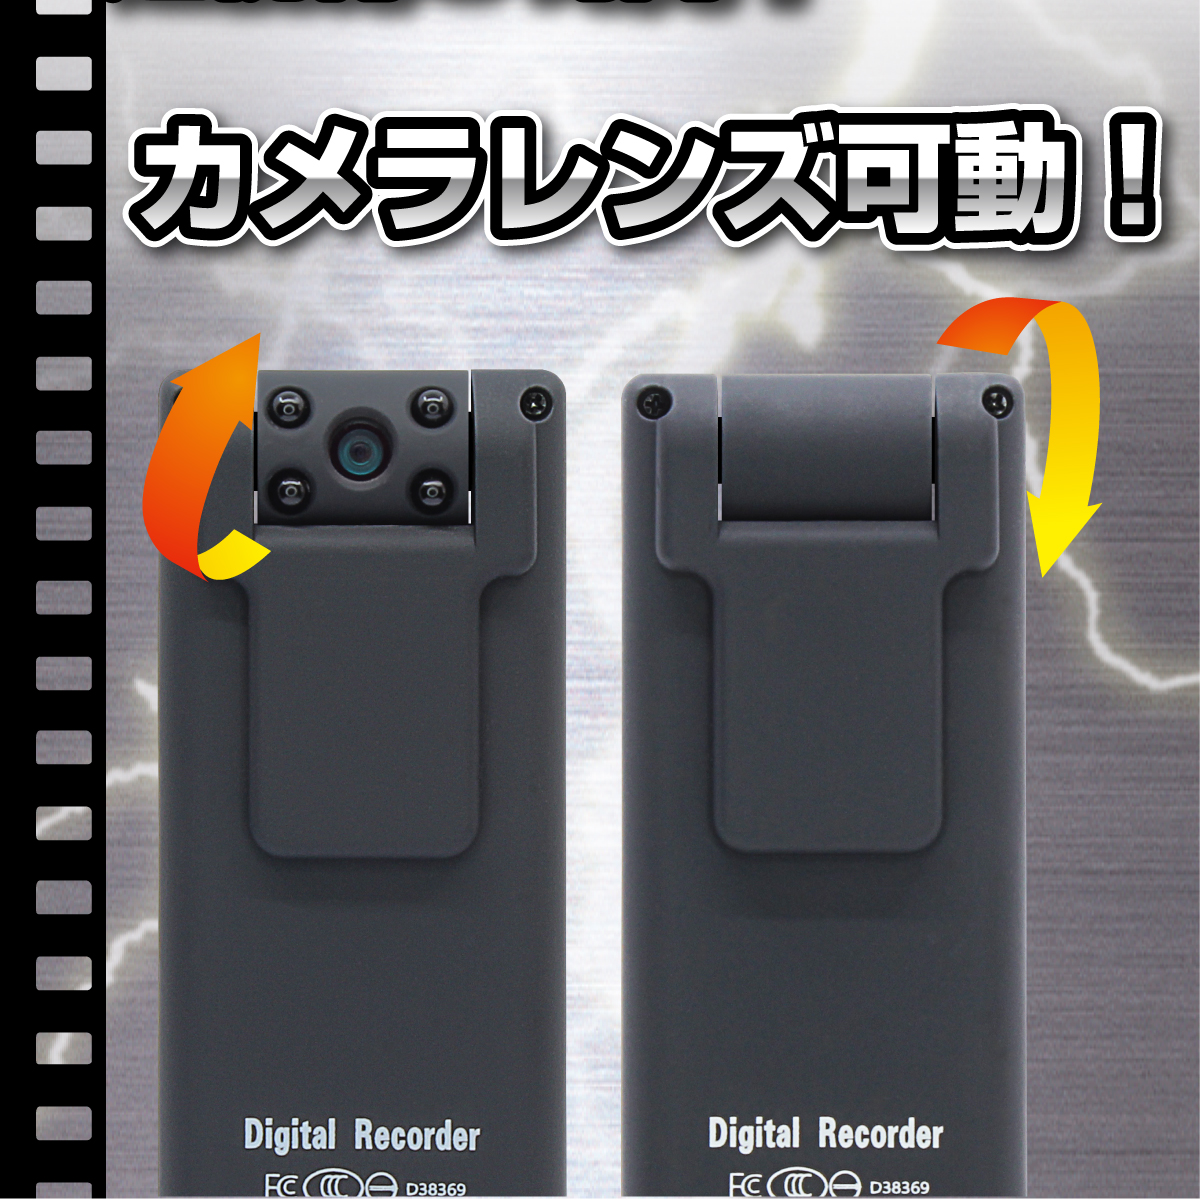 【小型カメラ】クリップ型ビデオカメラ「Magroller」マグローラー